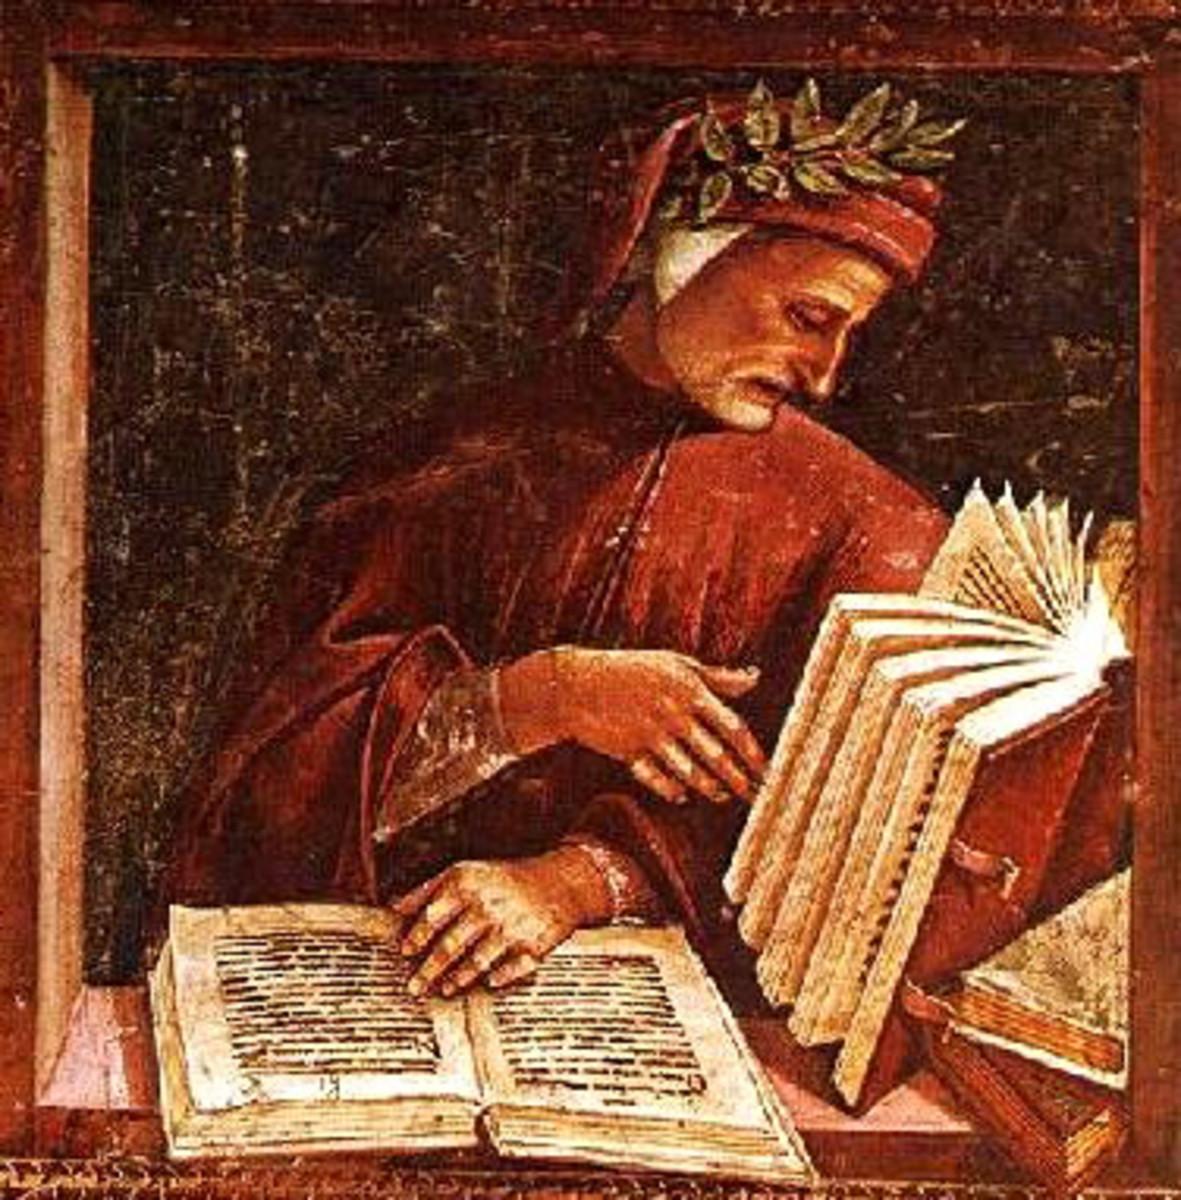 Dante's inferno book summary